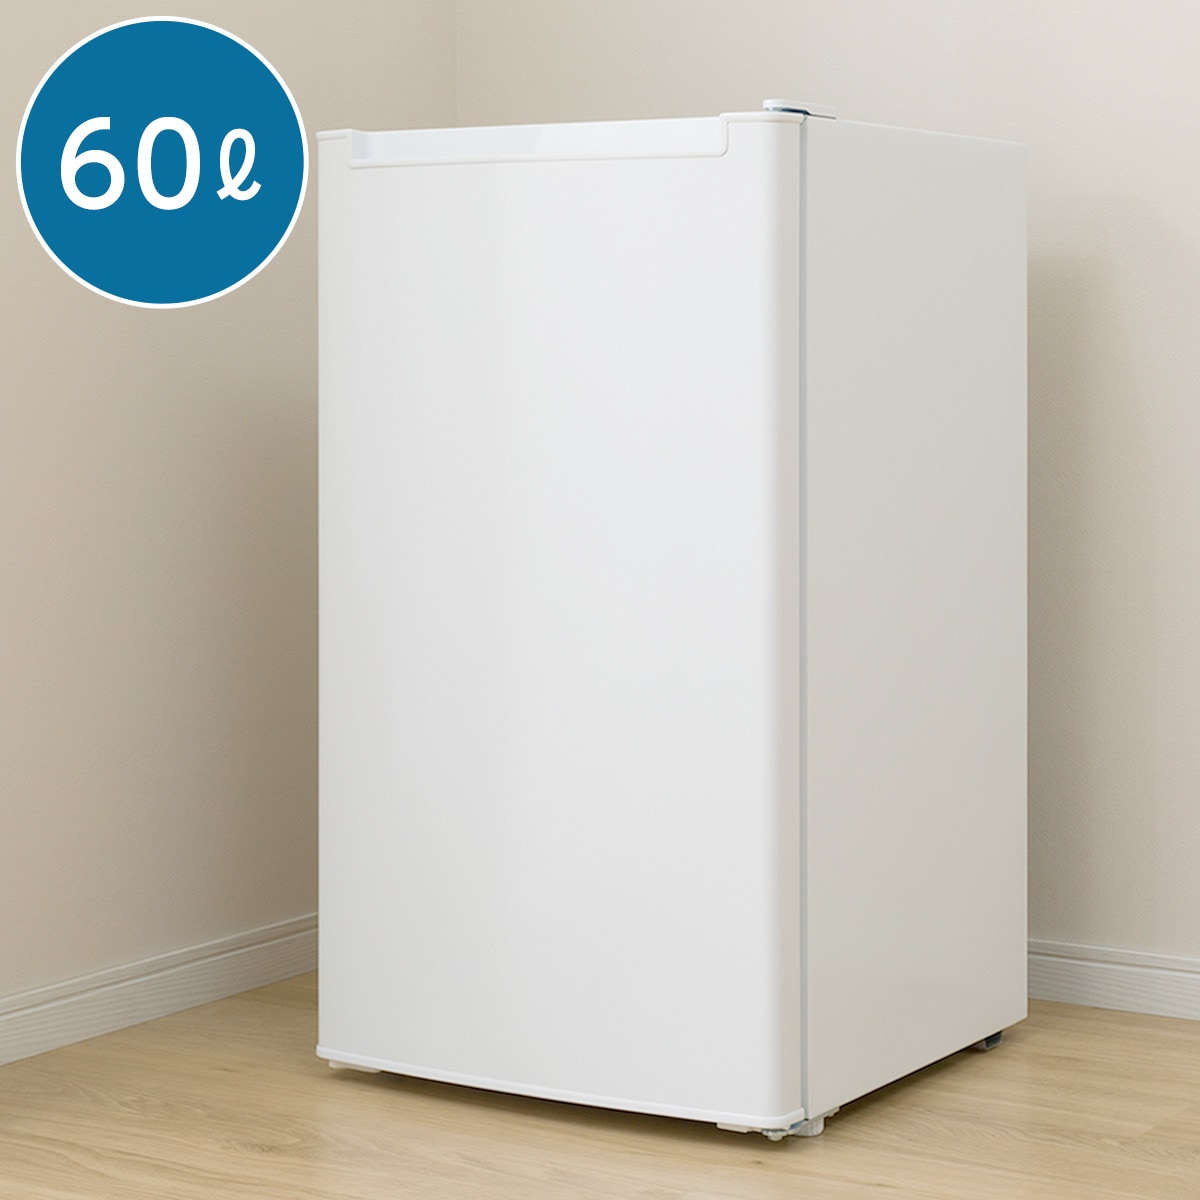 60リットル1ドア冷凍庫(NTR60)